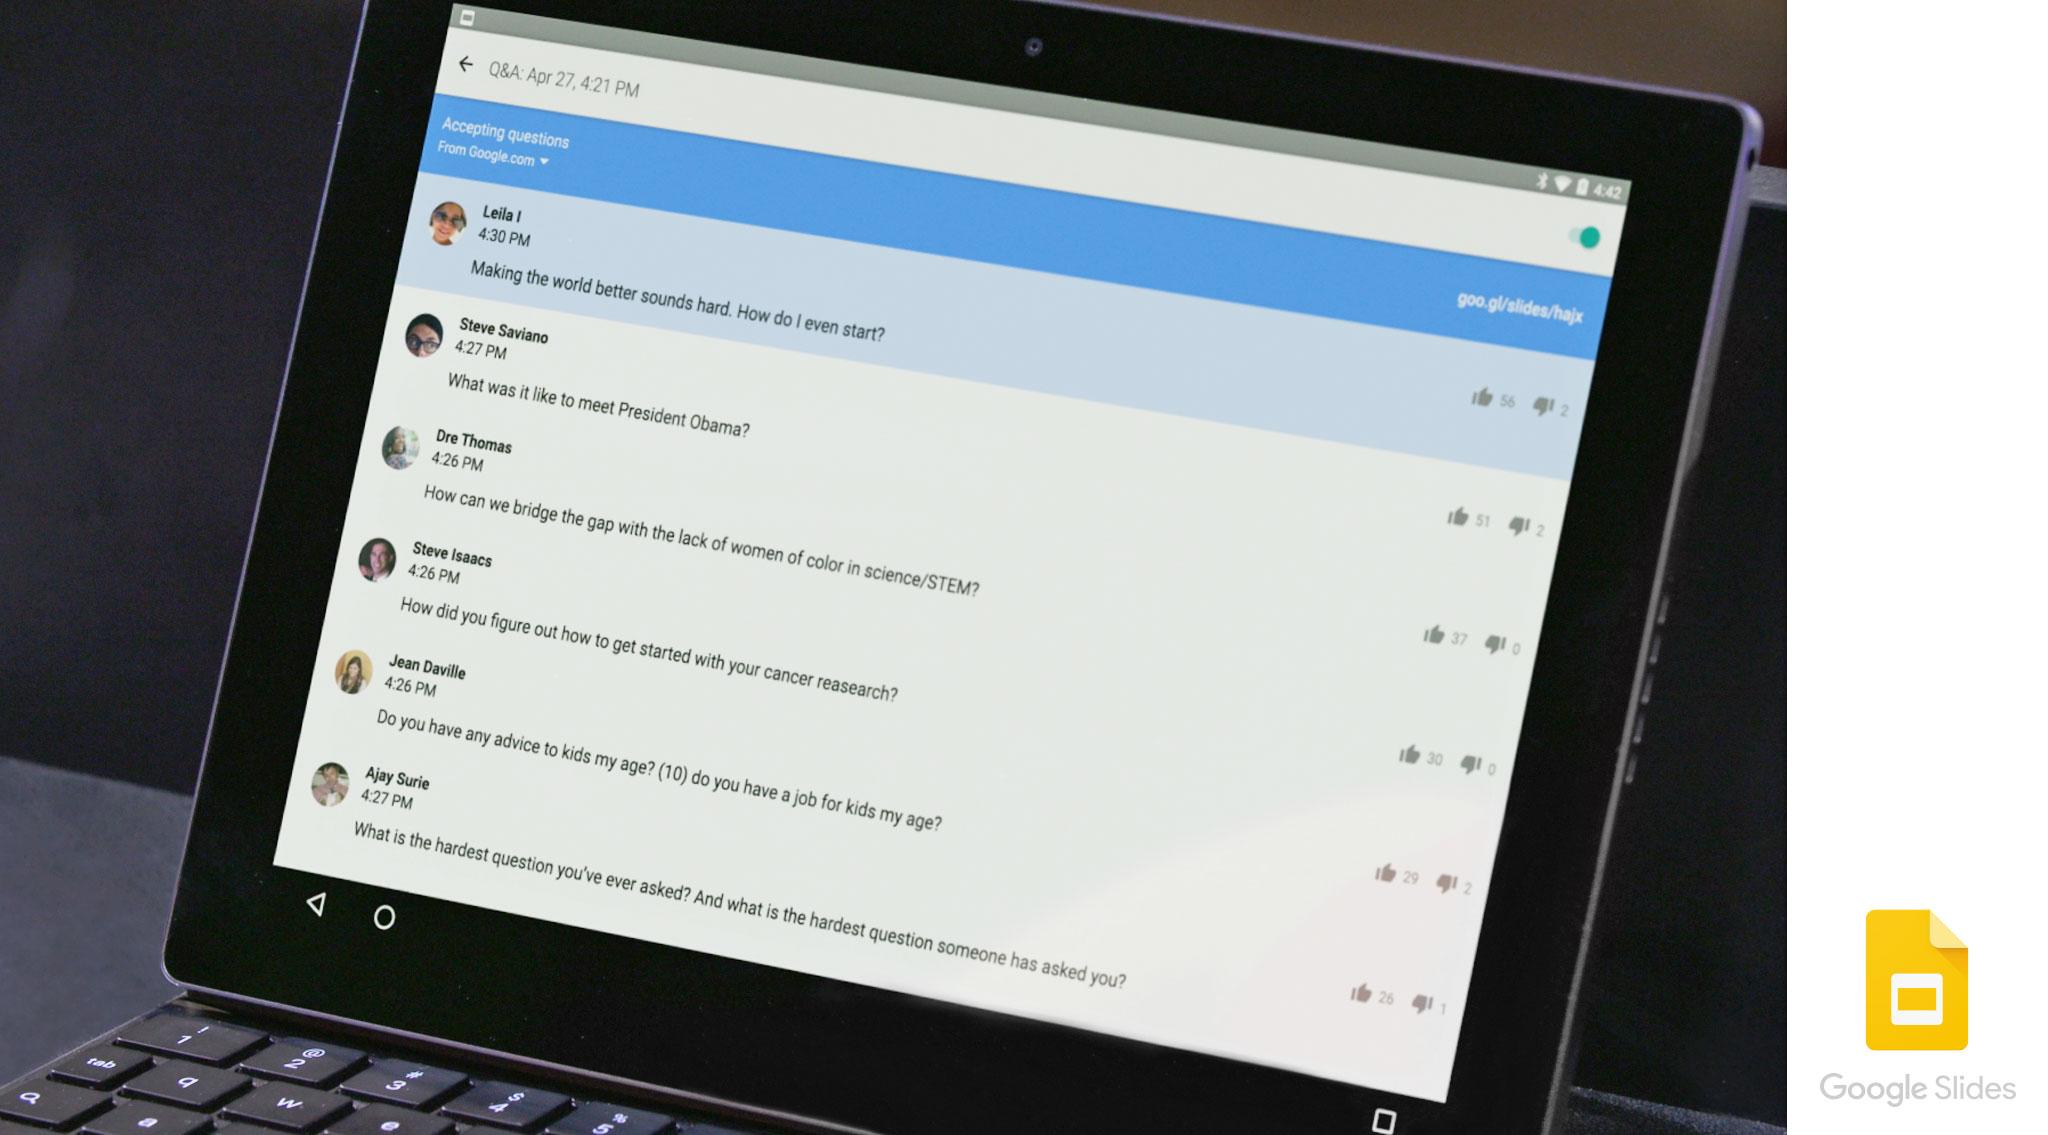 Google Slides has a new audience participation Q&A feature